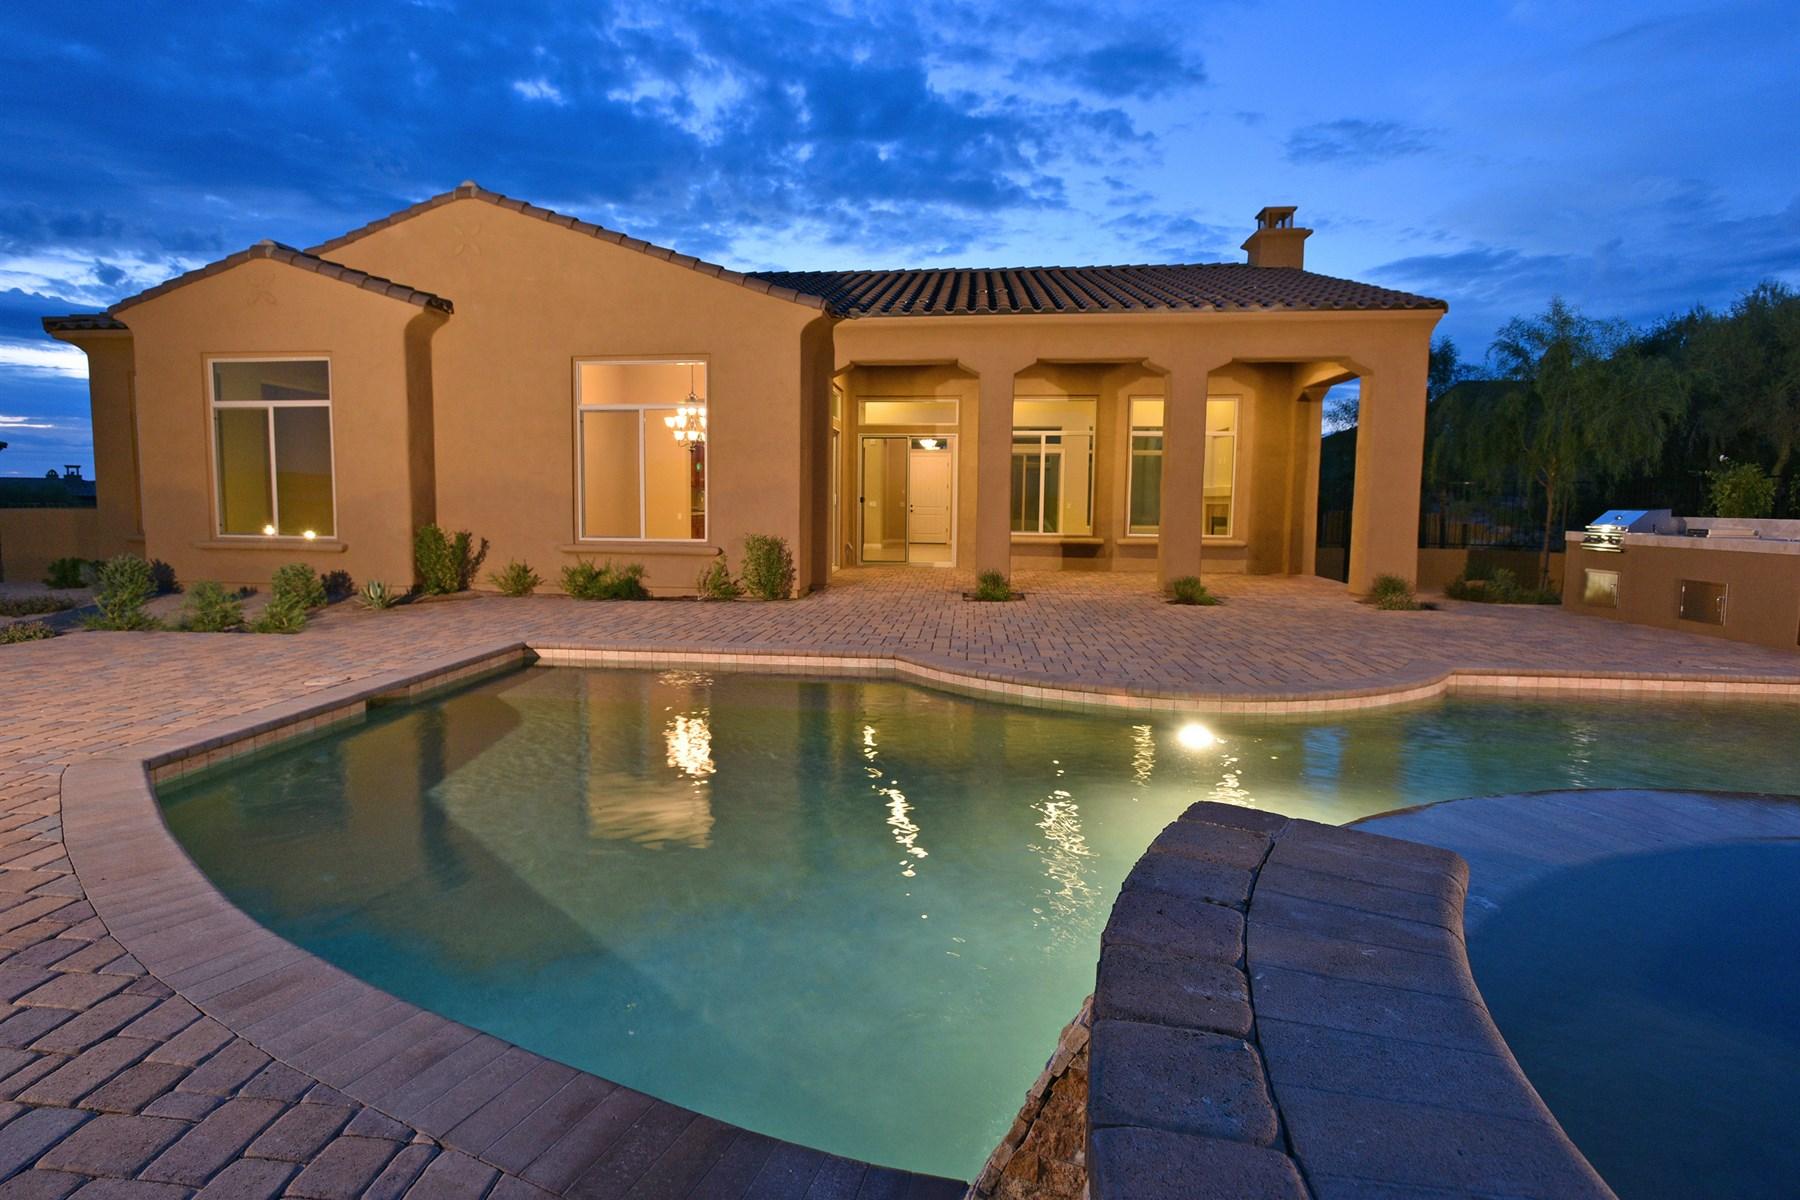 단독 가정 주택 용 매매 에 Luxury home located in the gated Scottsdale community of Mirabel Village. 37231 N 110TH ST Scottsdale, 아리조나 85262 미국